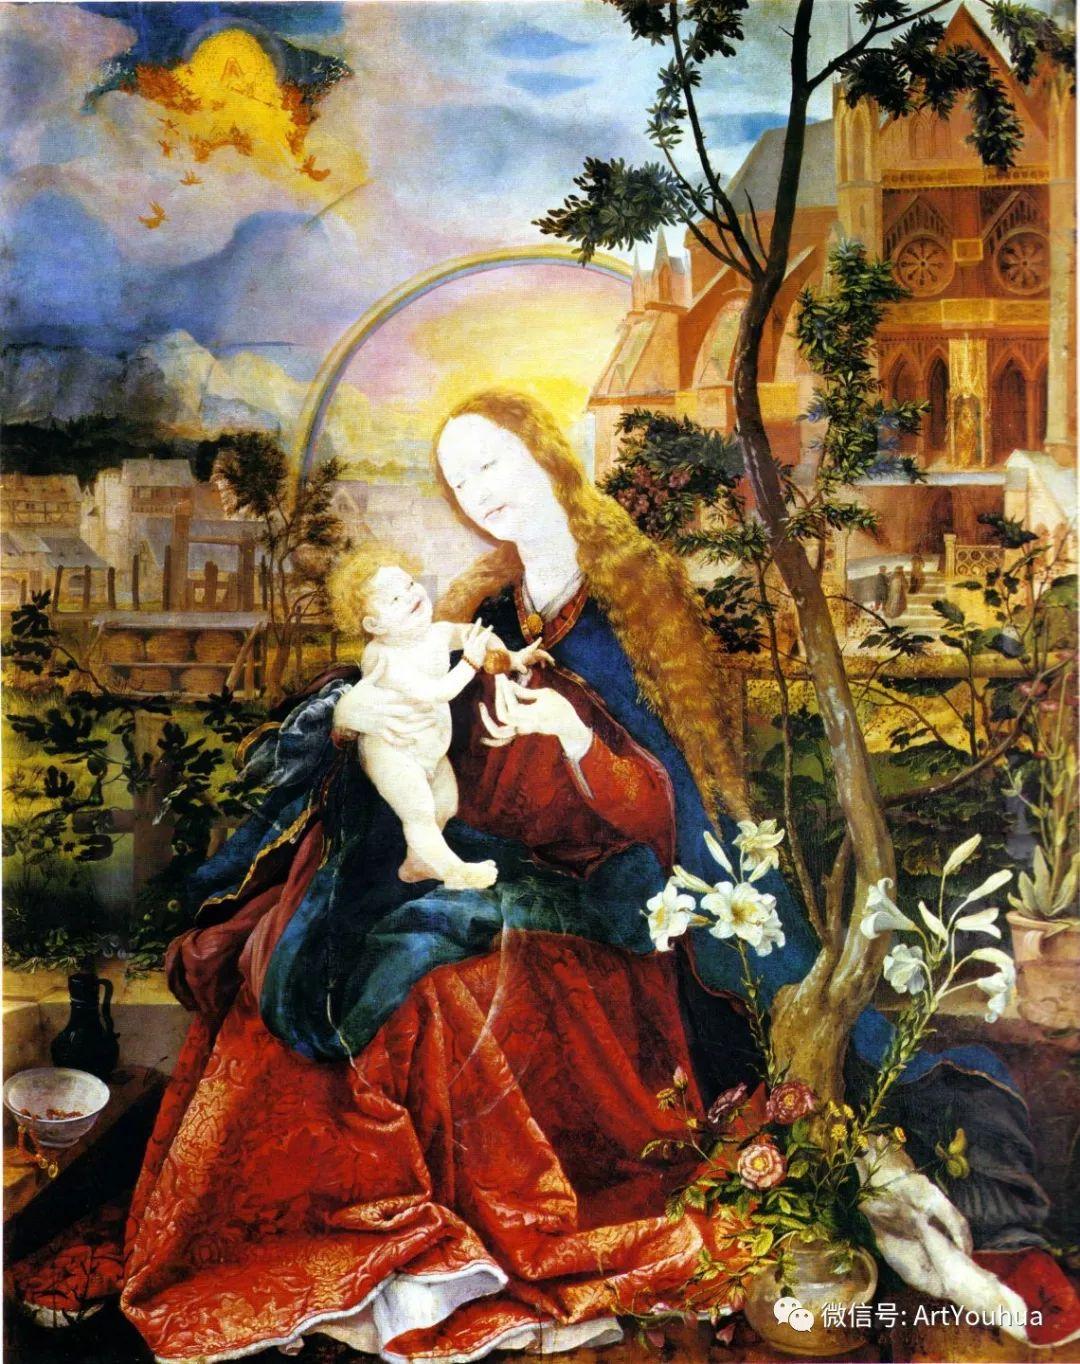 连载No.5 一生要知道的100位世界著名画家之格吕内瓦尔德插图179